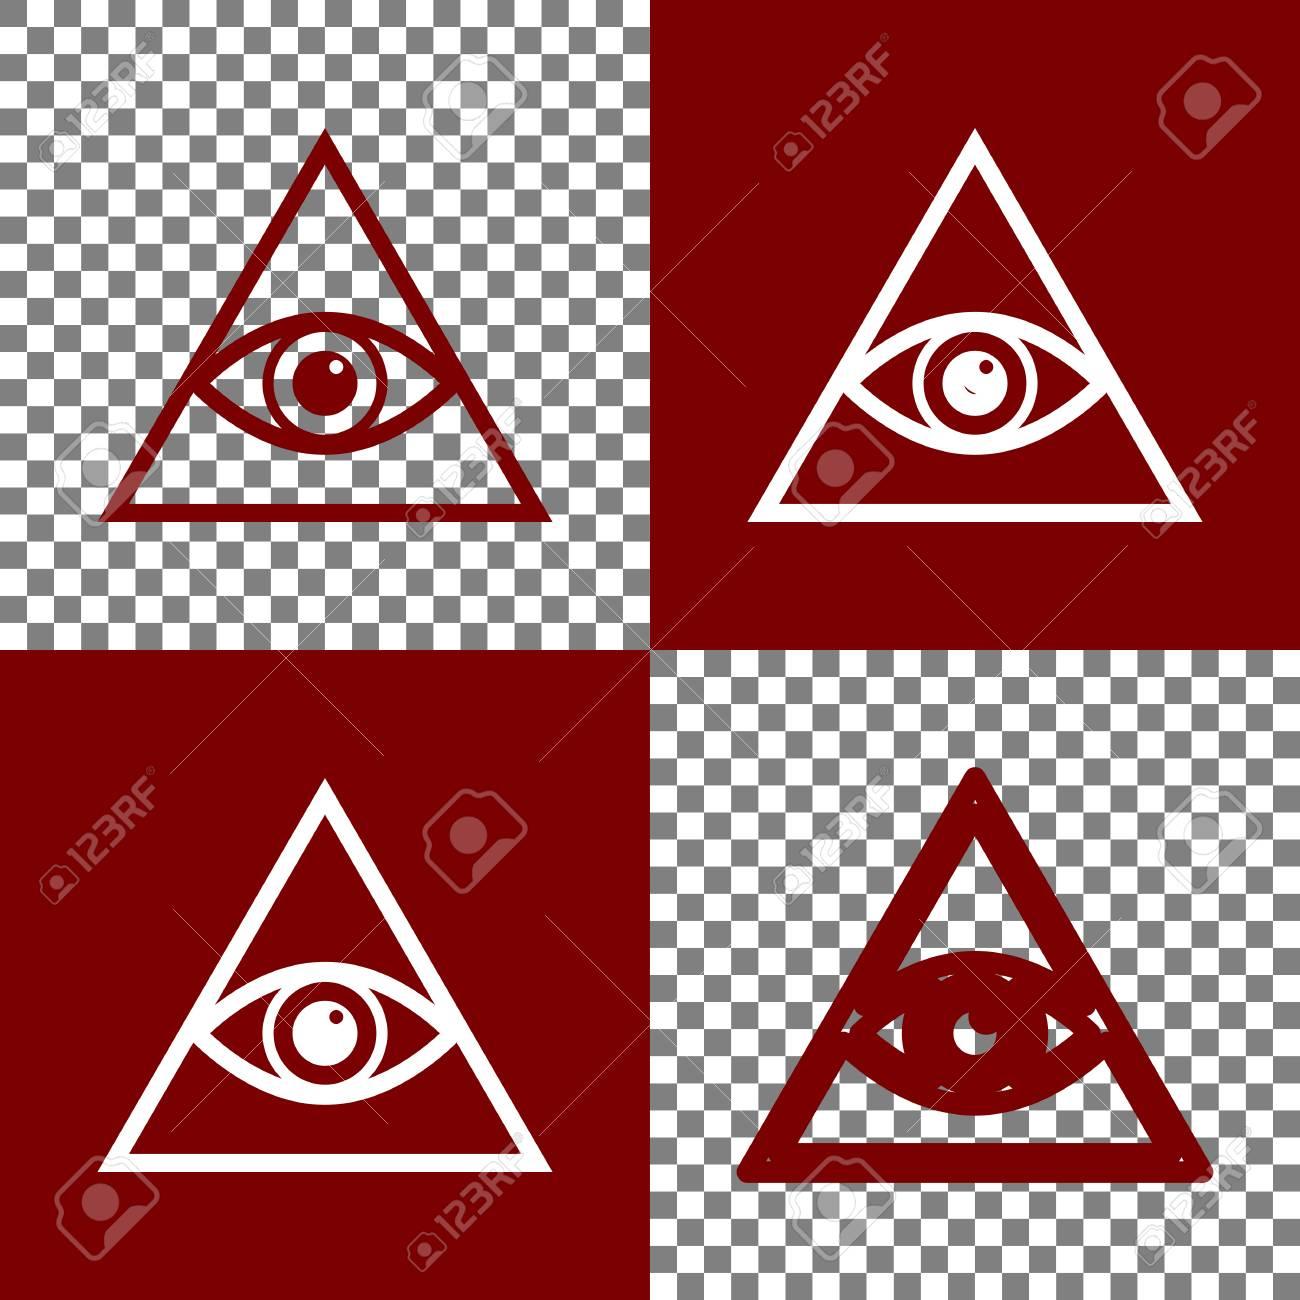 4401604719e69 Foto de archivo - Todos viendo el símbolo de la pirámide del ojo.  Francmasón y espiritual. Vector. Bordo y blanco iconos e iconos de línea en  el tablero de ...